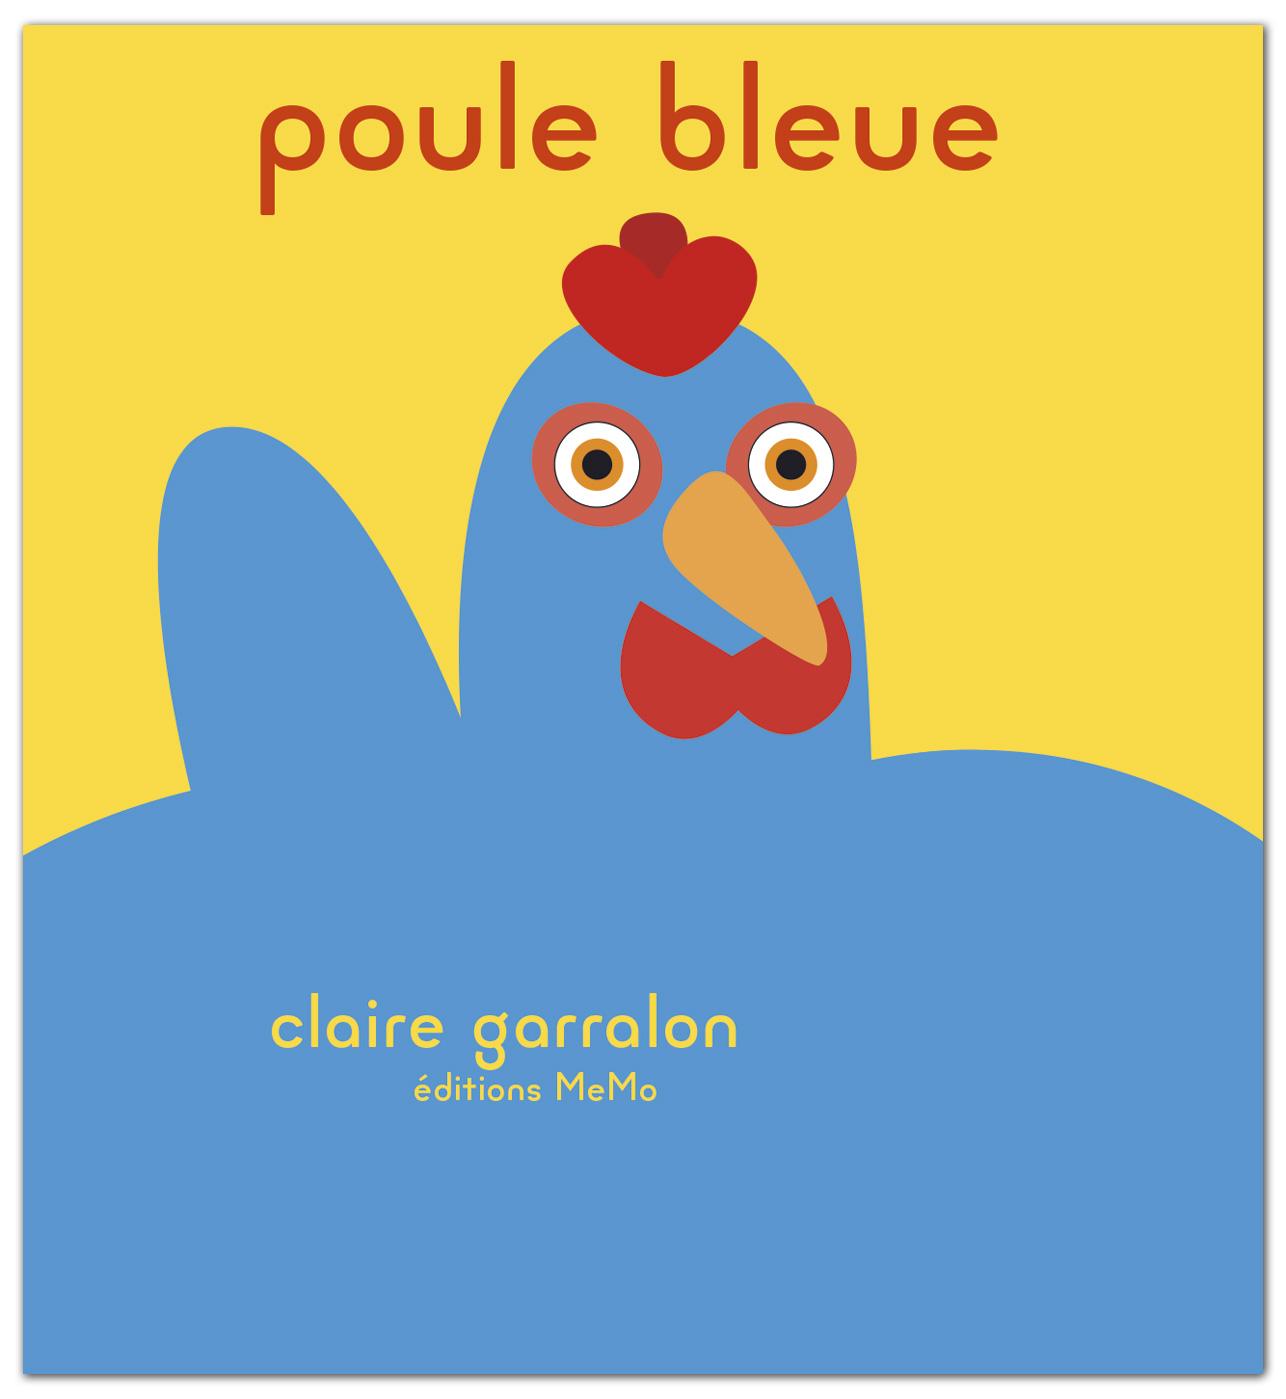 Poule bleue